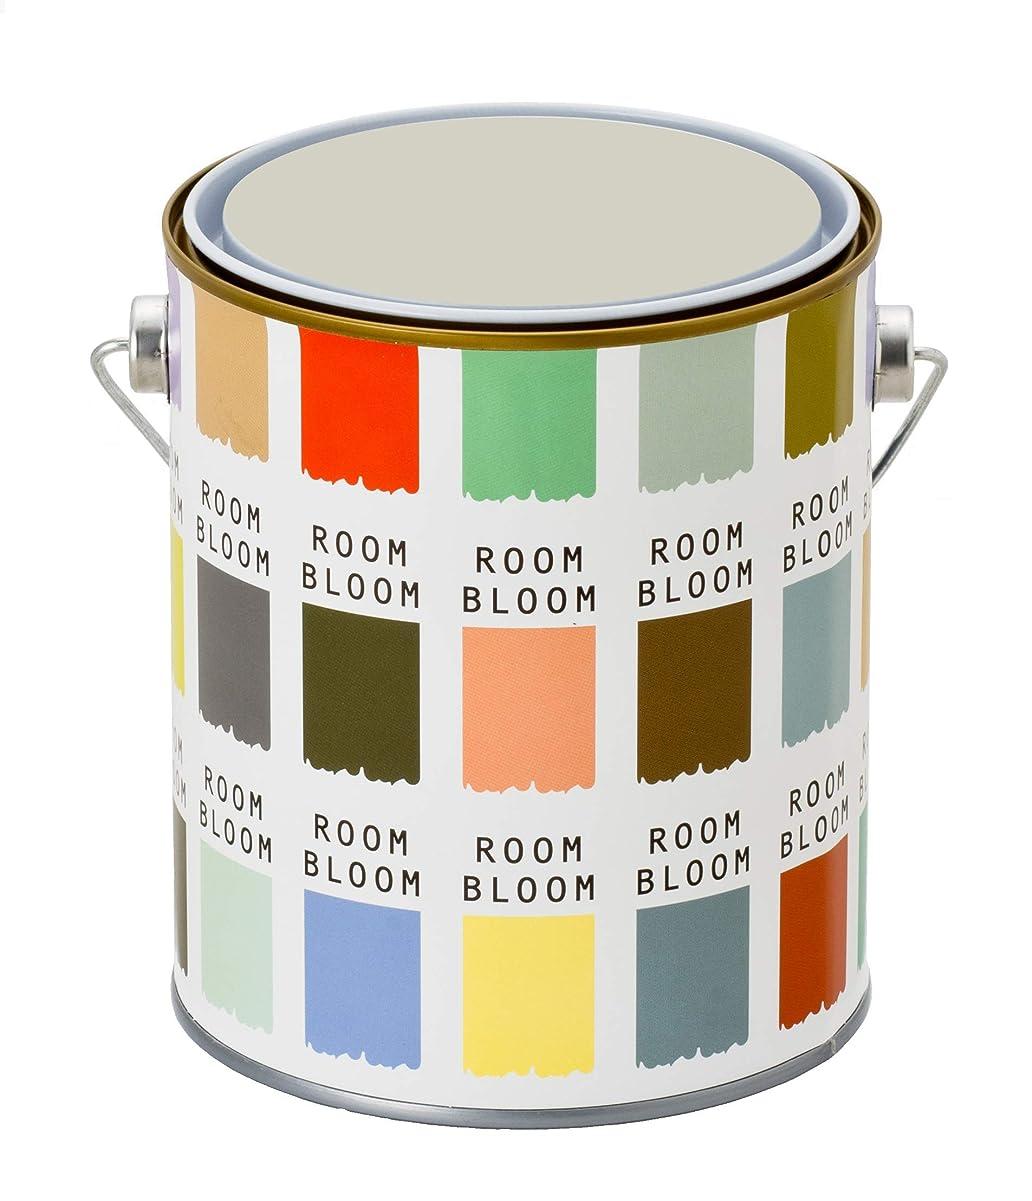 慣らす頂点ダーリン水性ペンキ(室内塗料) ROOMBLOOMMatte 1kg カラー:reflection(グレー 灰色 黄色がかった薄いグレー)